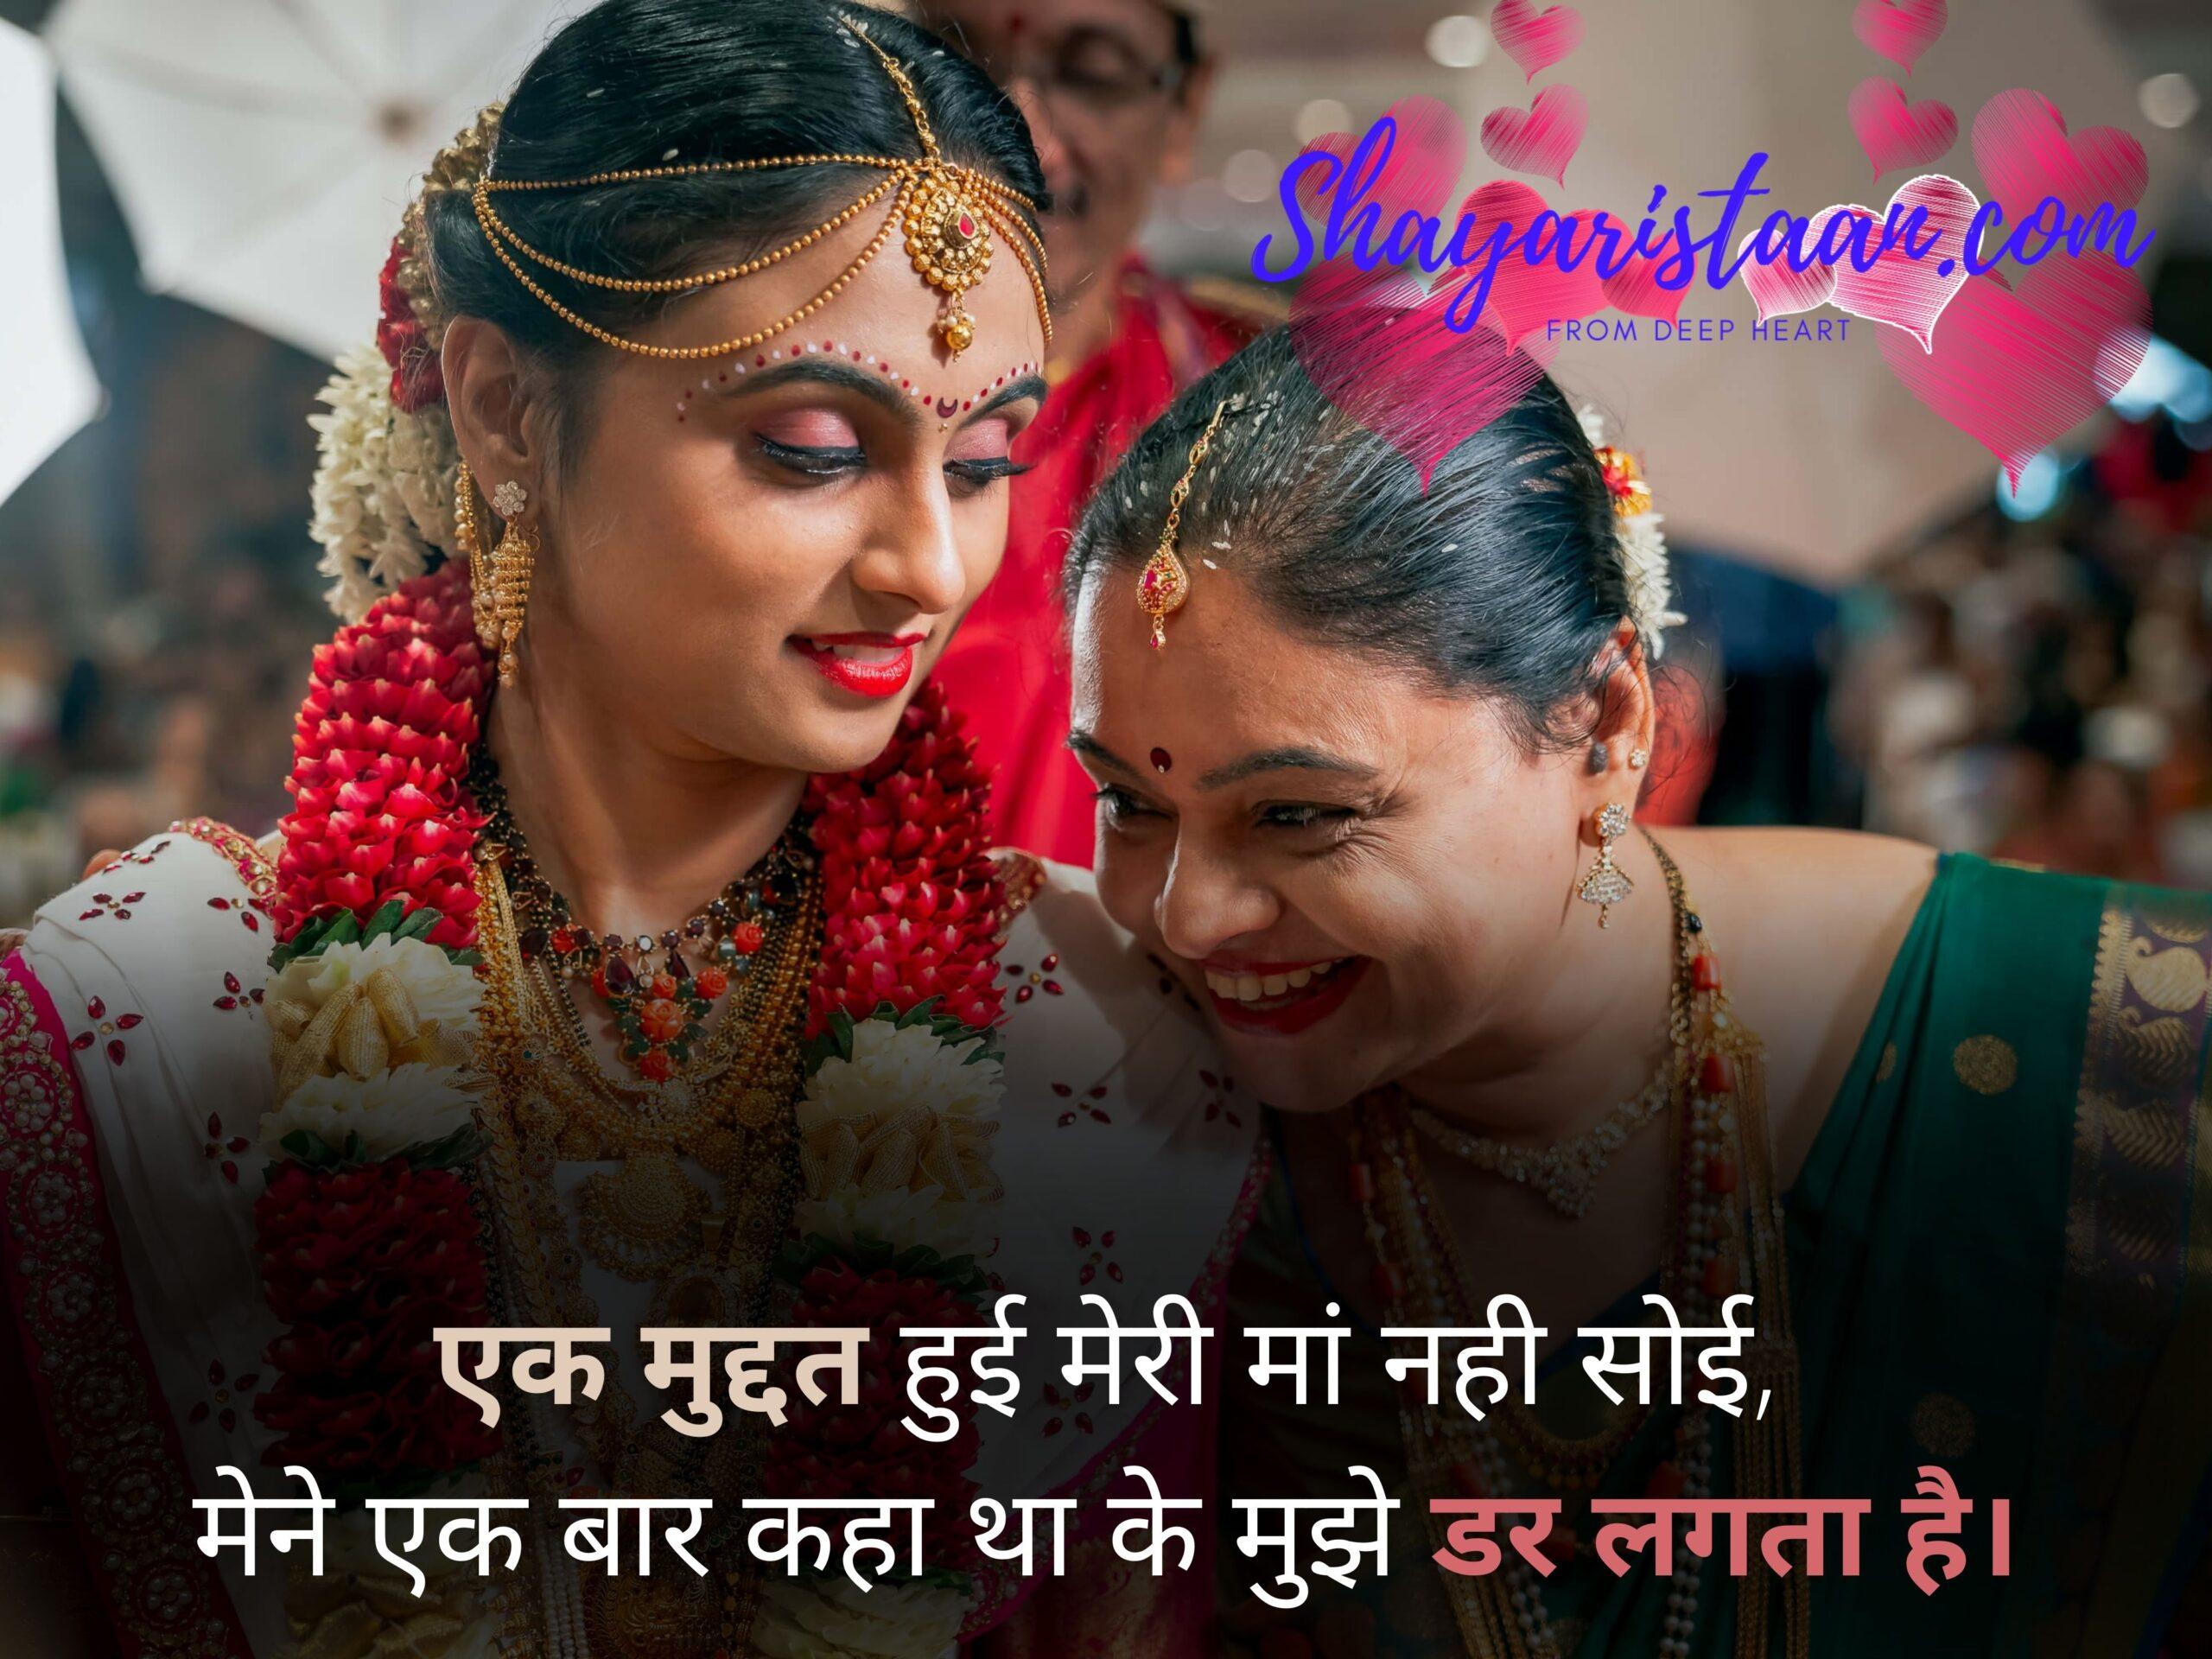 maa quotes in hindi   एक मुद्दत हुई मेरी मां नही सोई, मेने एक बार कहा था के मुझे डर लगता है।